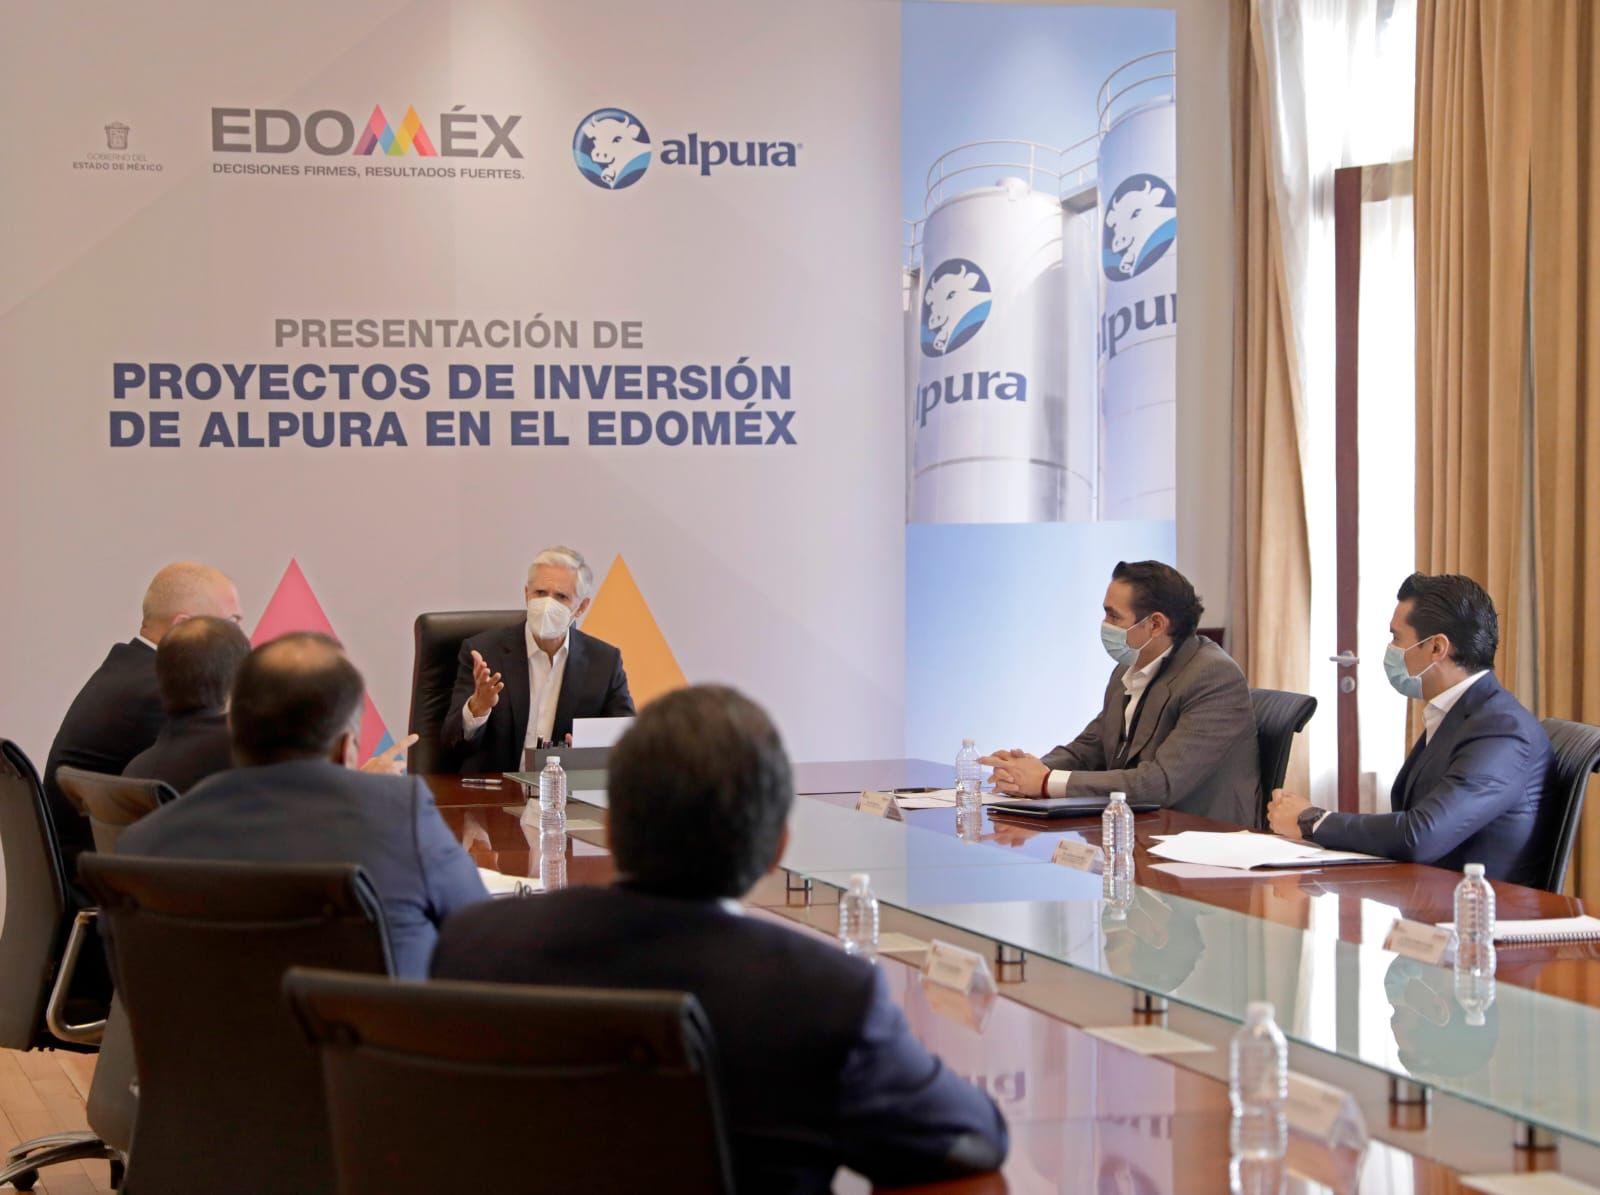 ALFREDO DEL MAZO ANUNCIA INVERSIÓN DE ALPURA SUPERIOR A MIL 500 MDP EN EL EDOMÉX